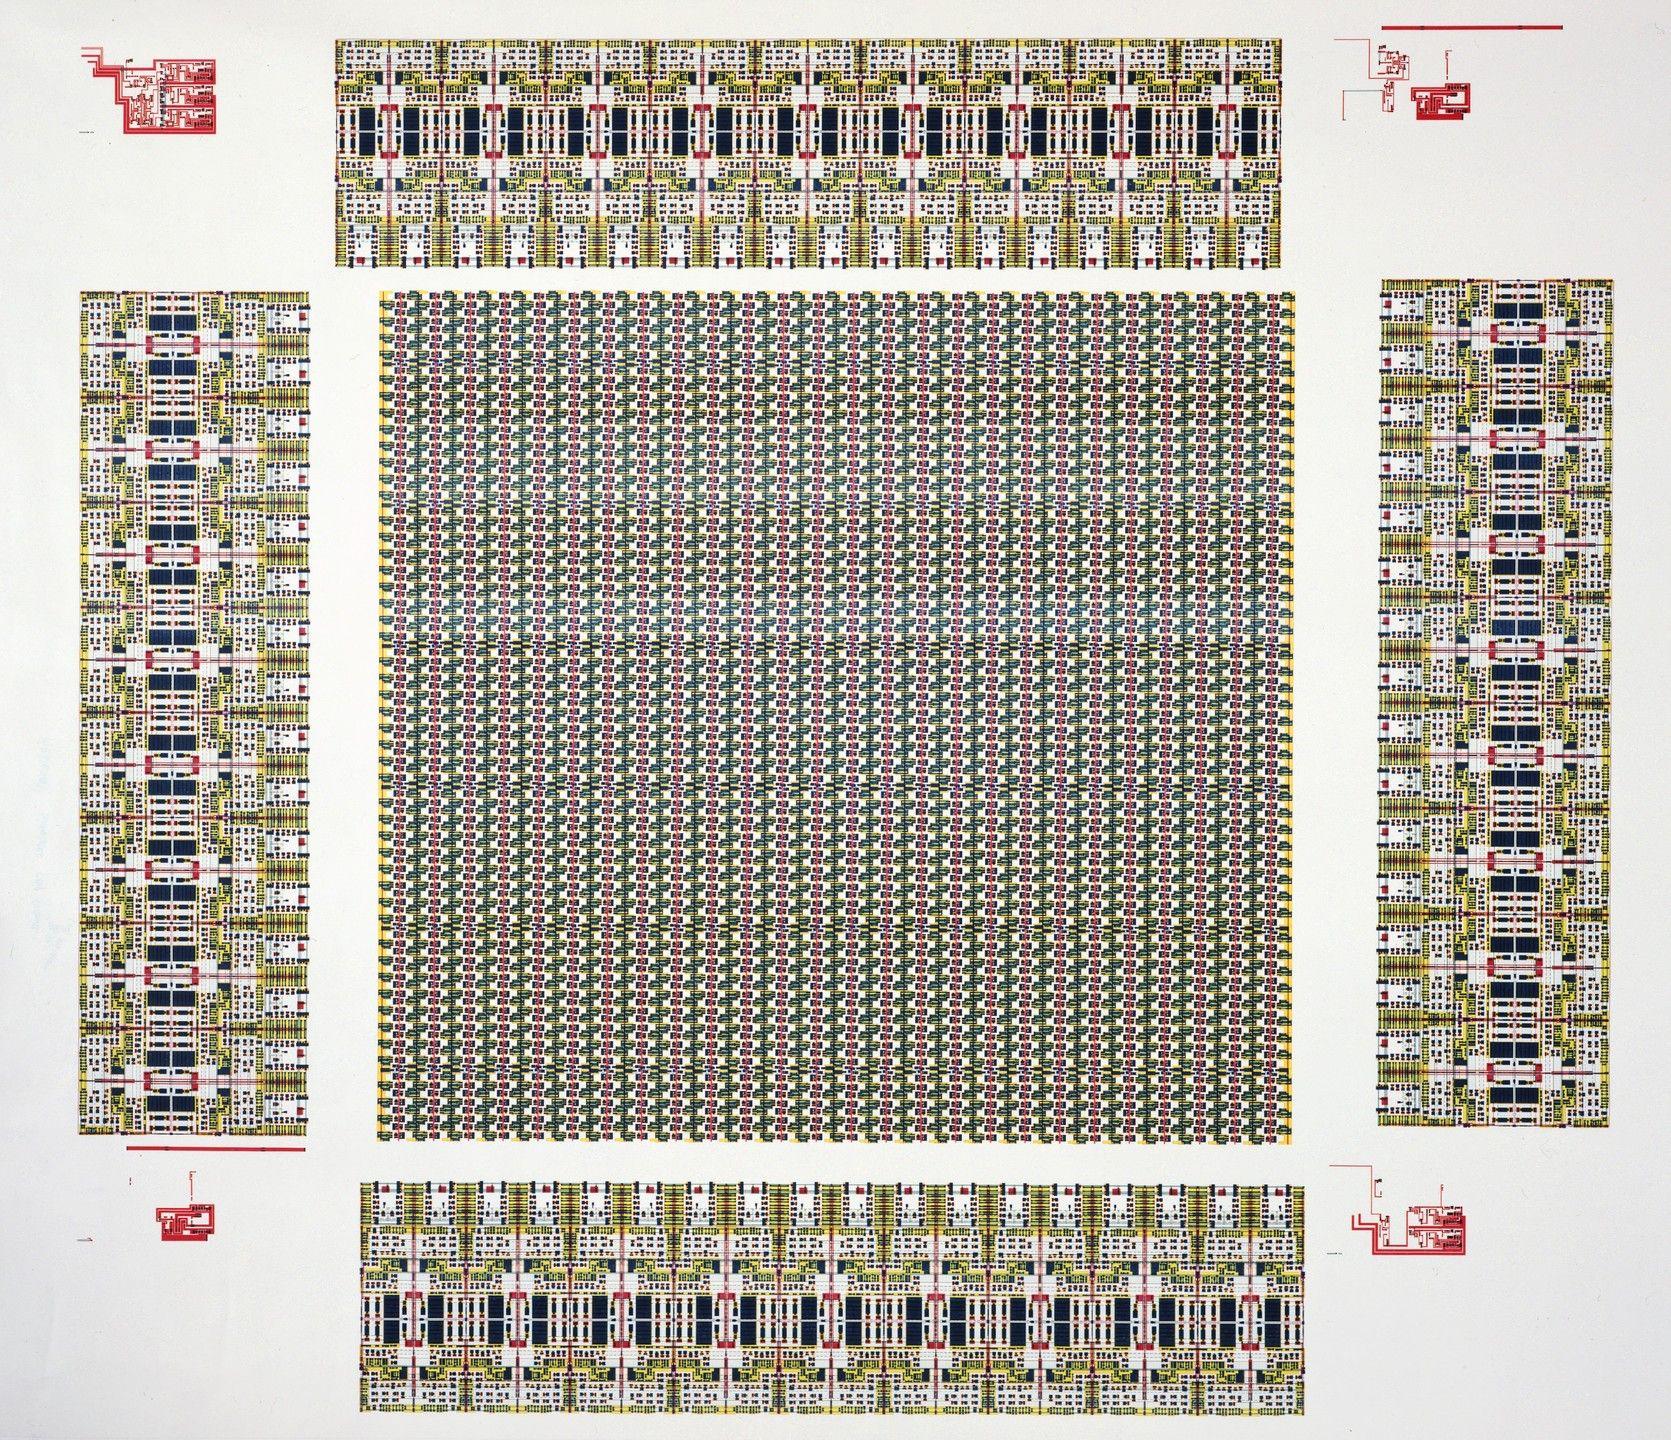 Sam Lucente, Diagram of a Logic Chip, 1986